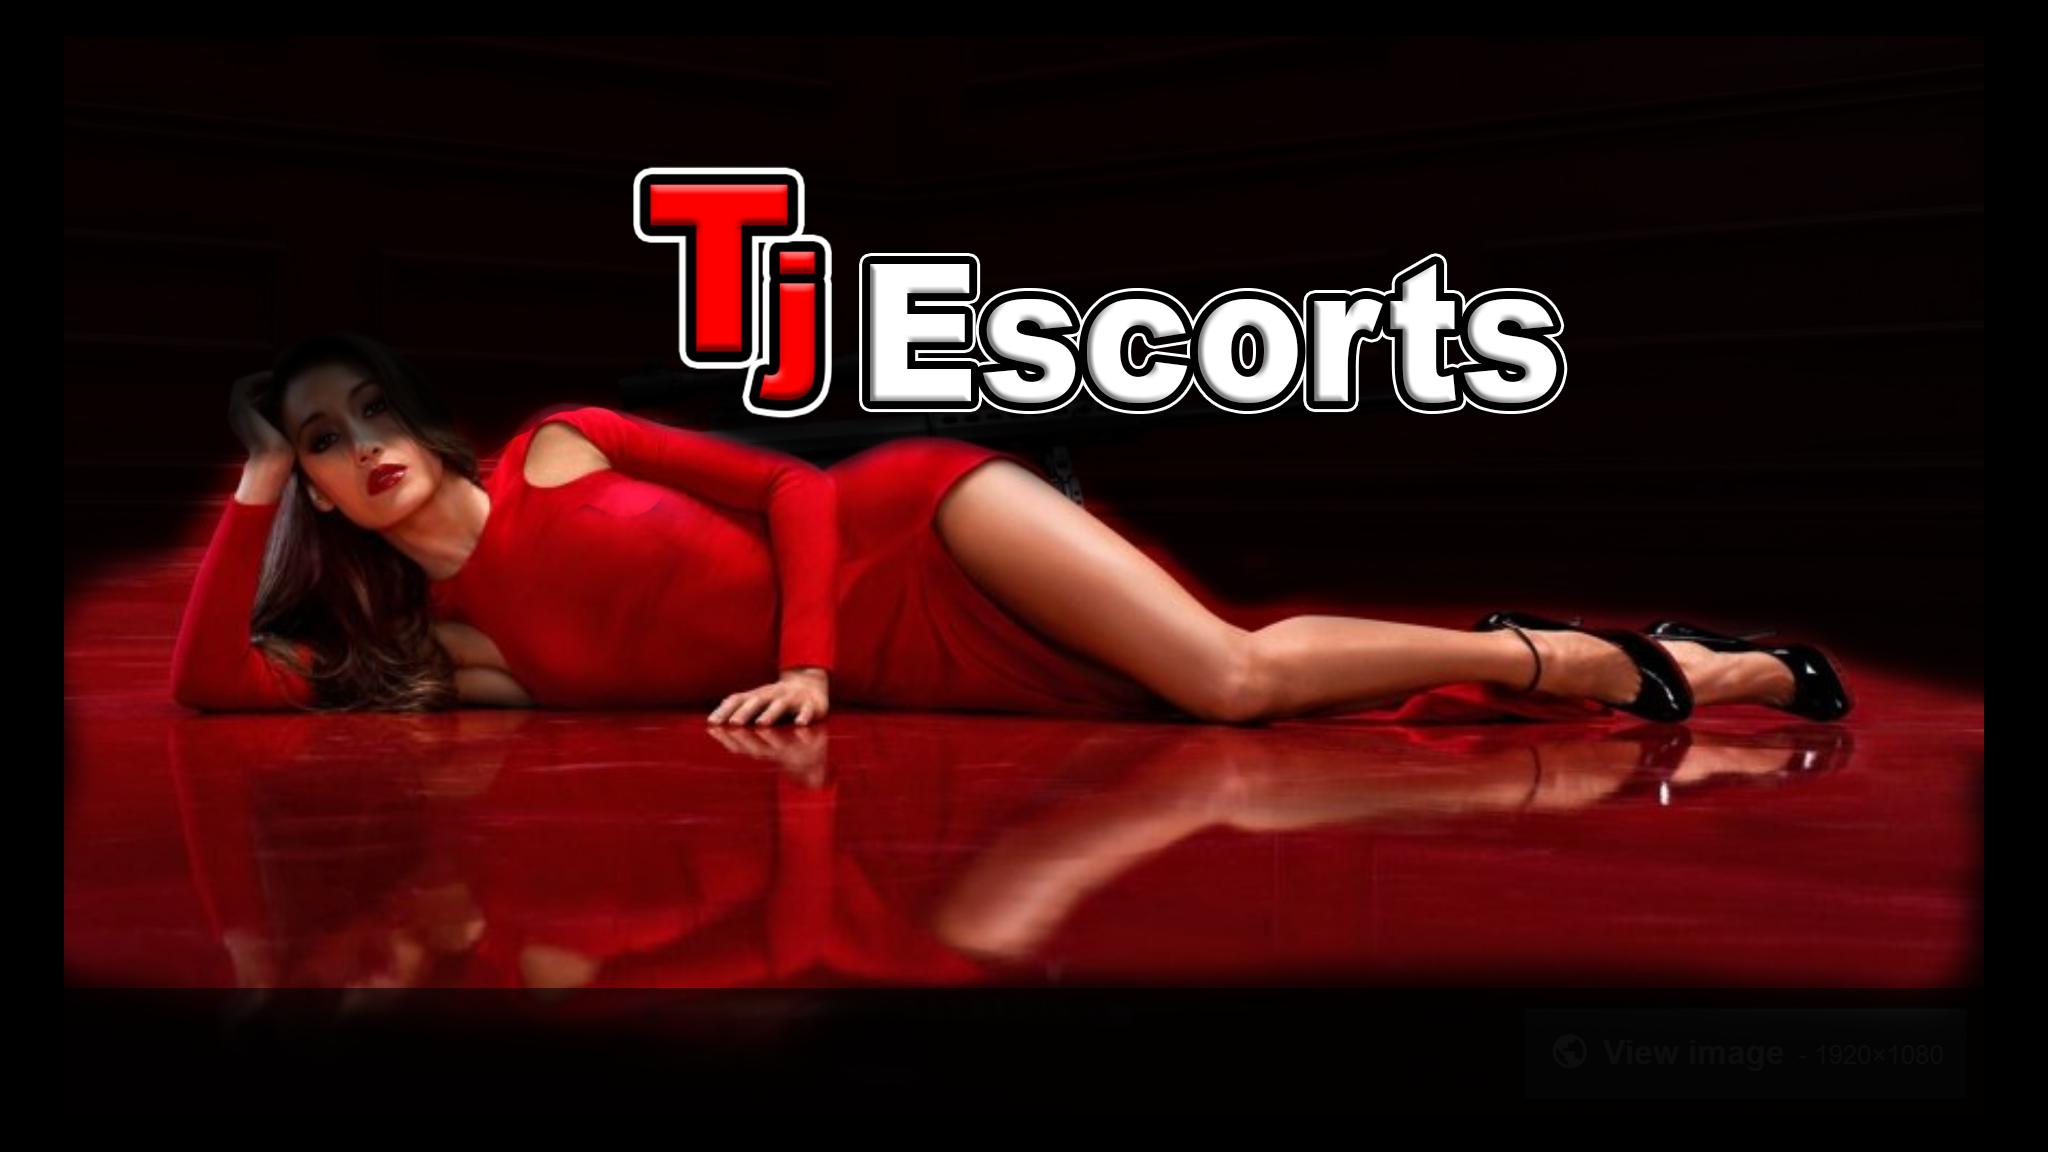 Tijuana Escorts